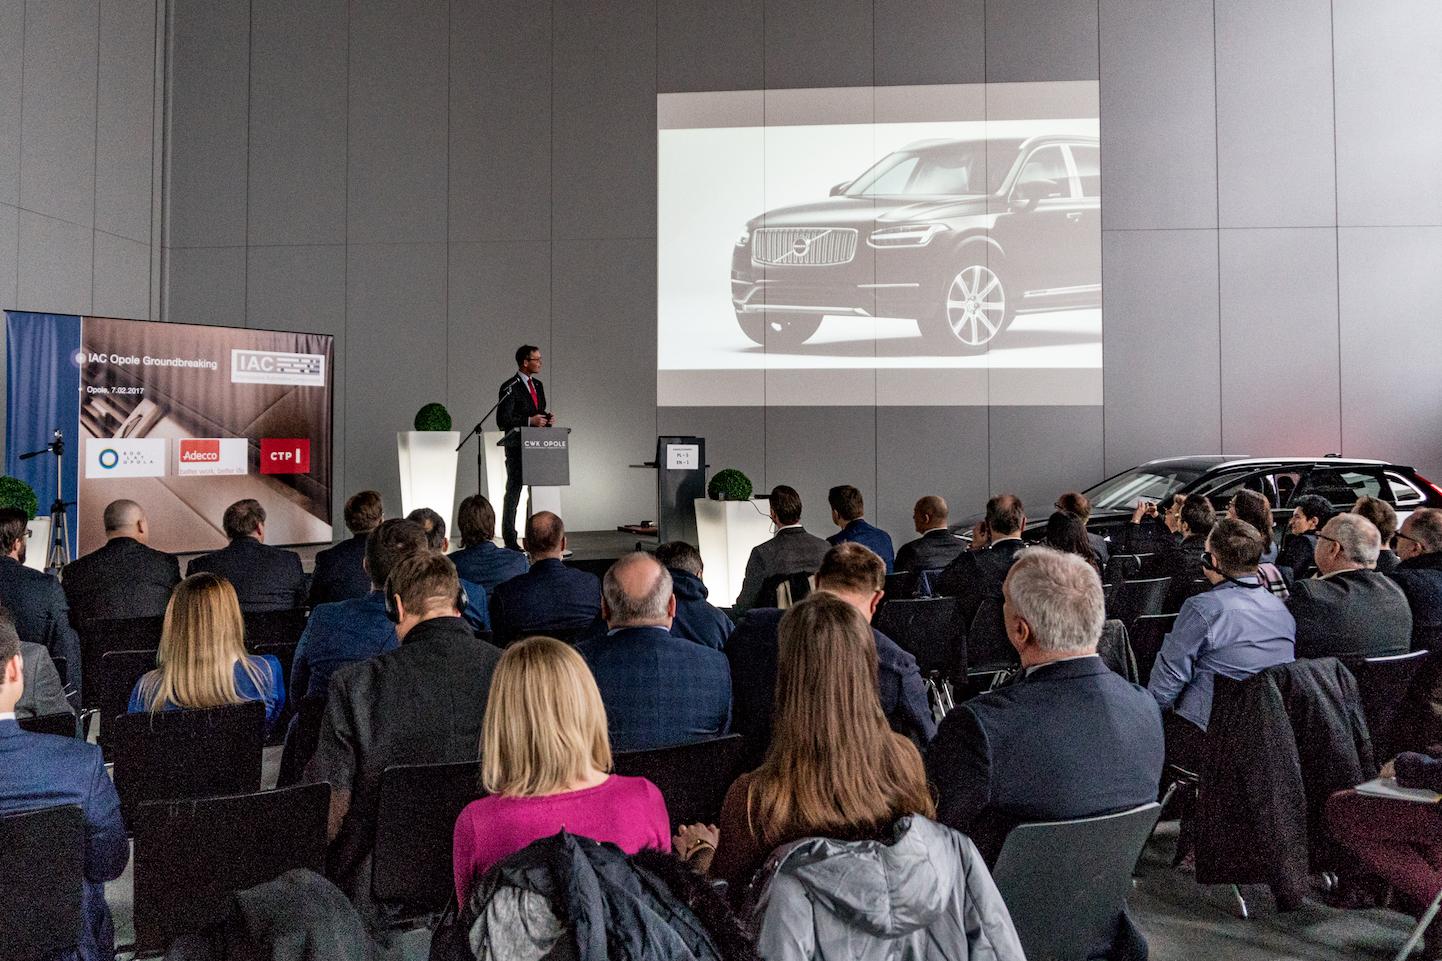 Firma produkuje elementy m.in. dla samochodów marki Volvo. (fot. UM Opole)